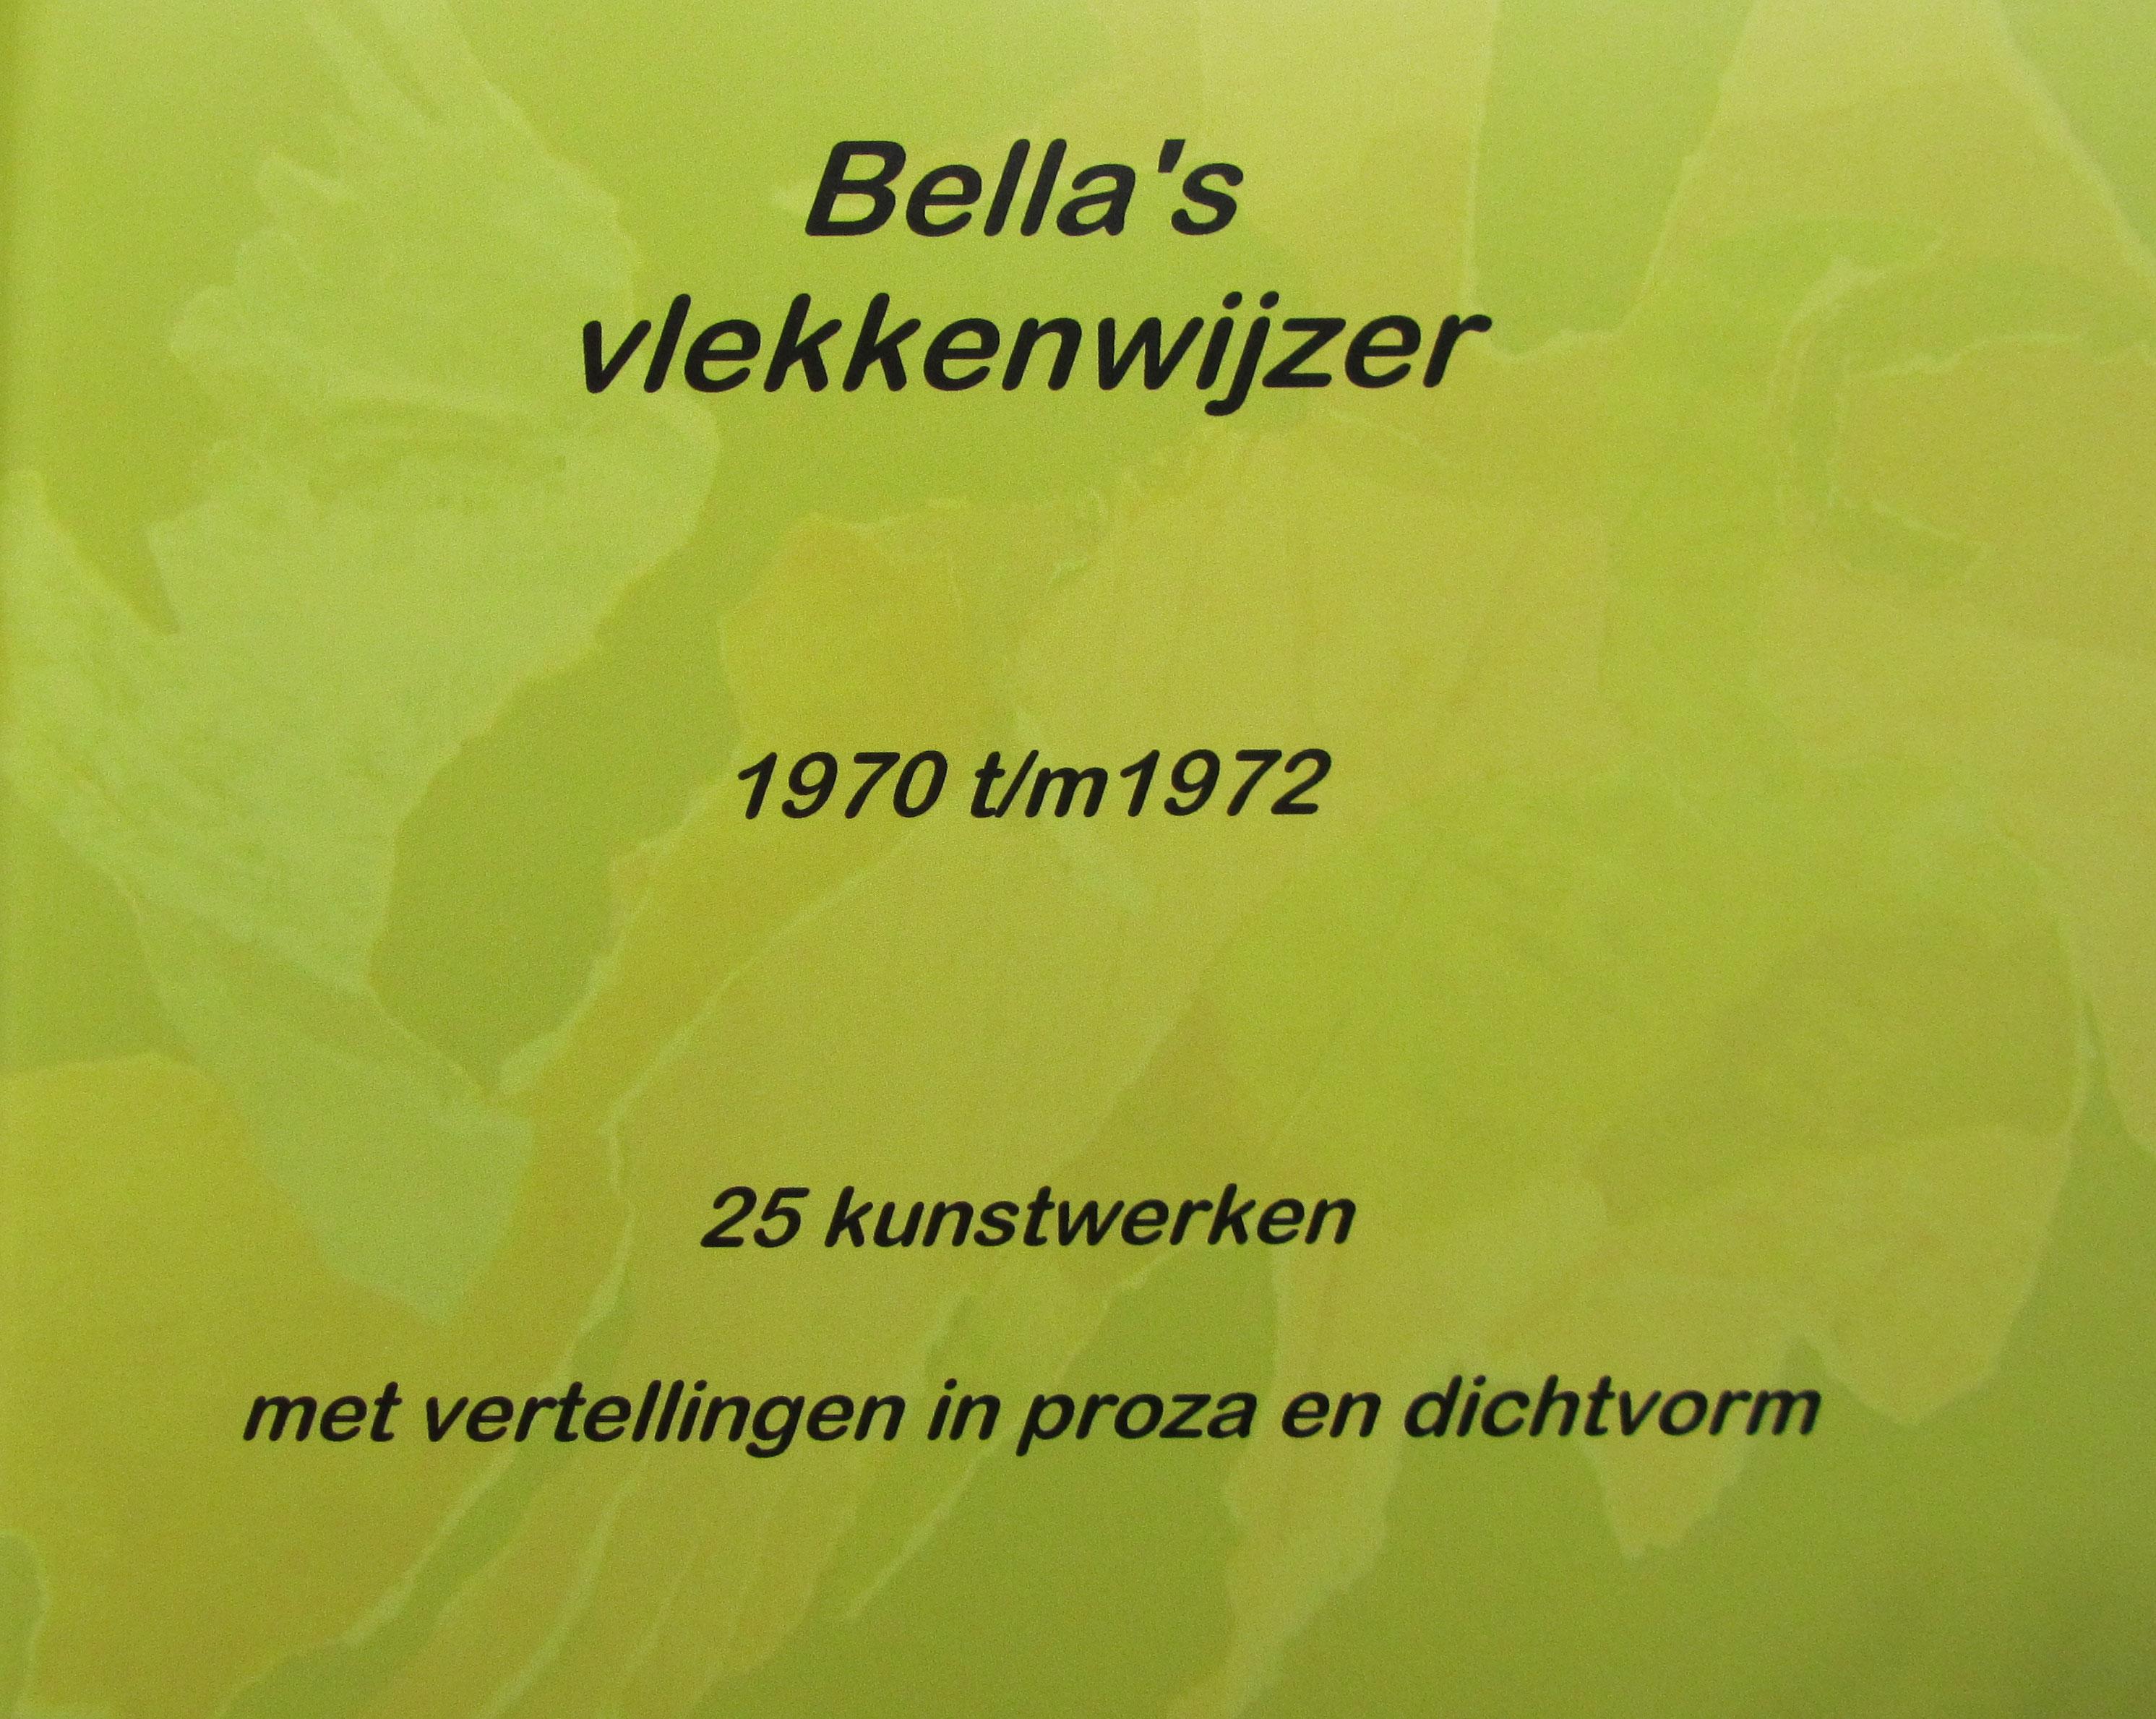 Bella's vlekkenwijzer